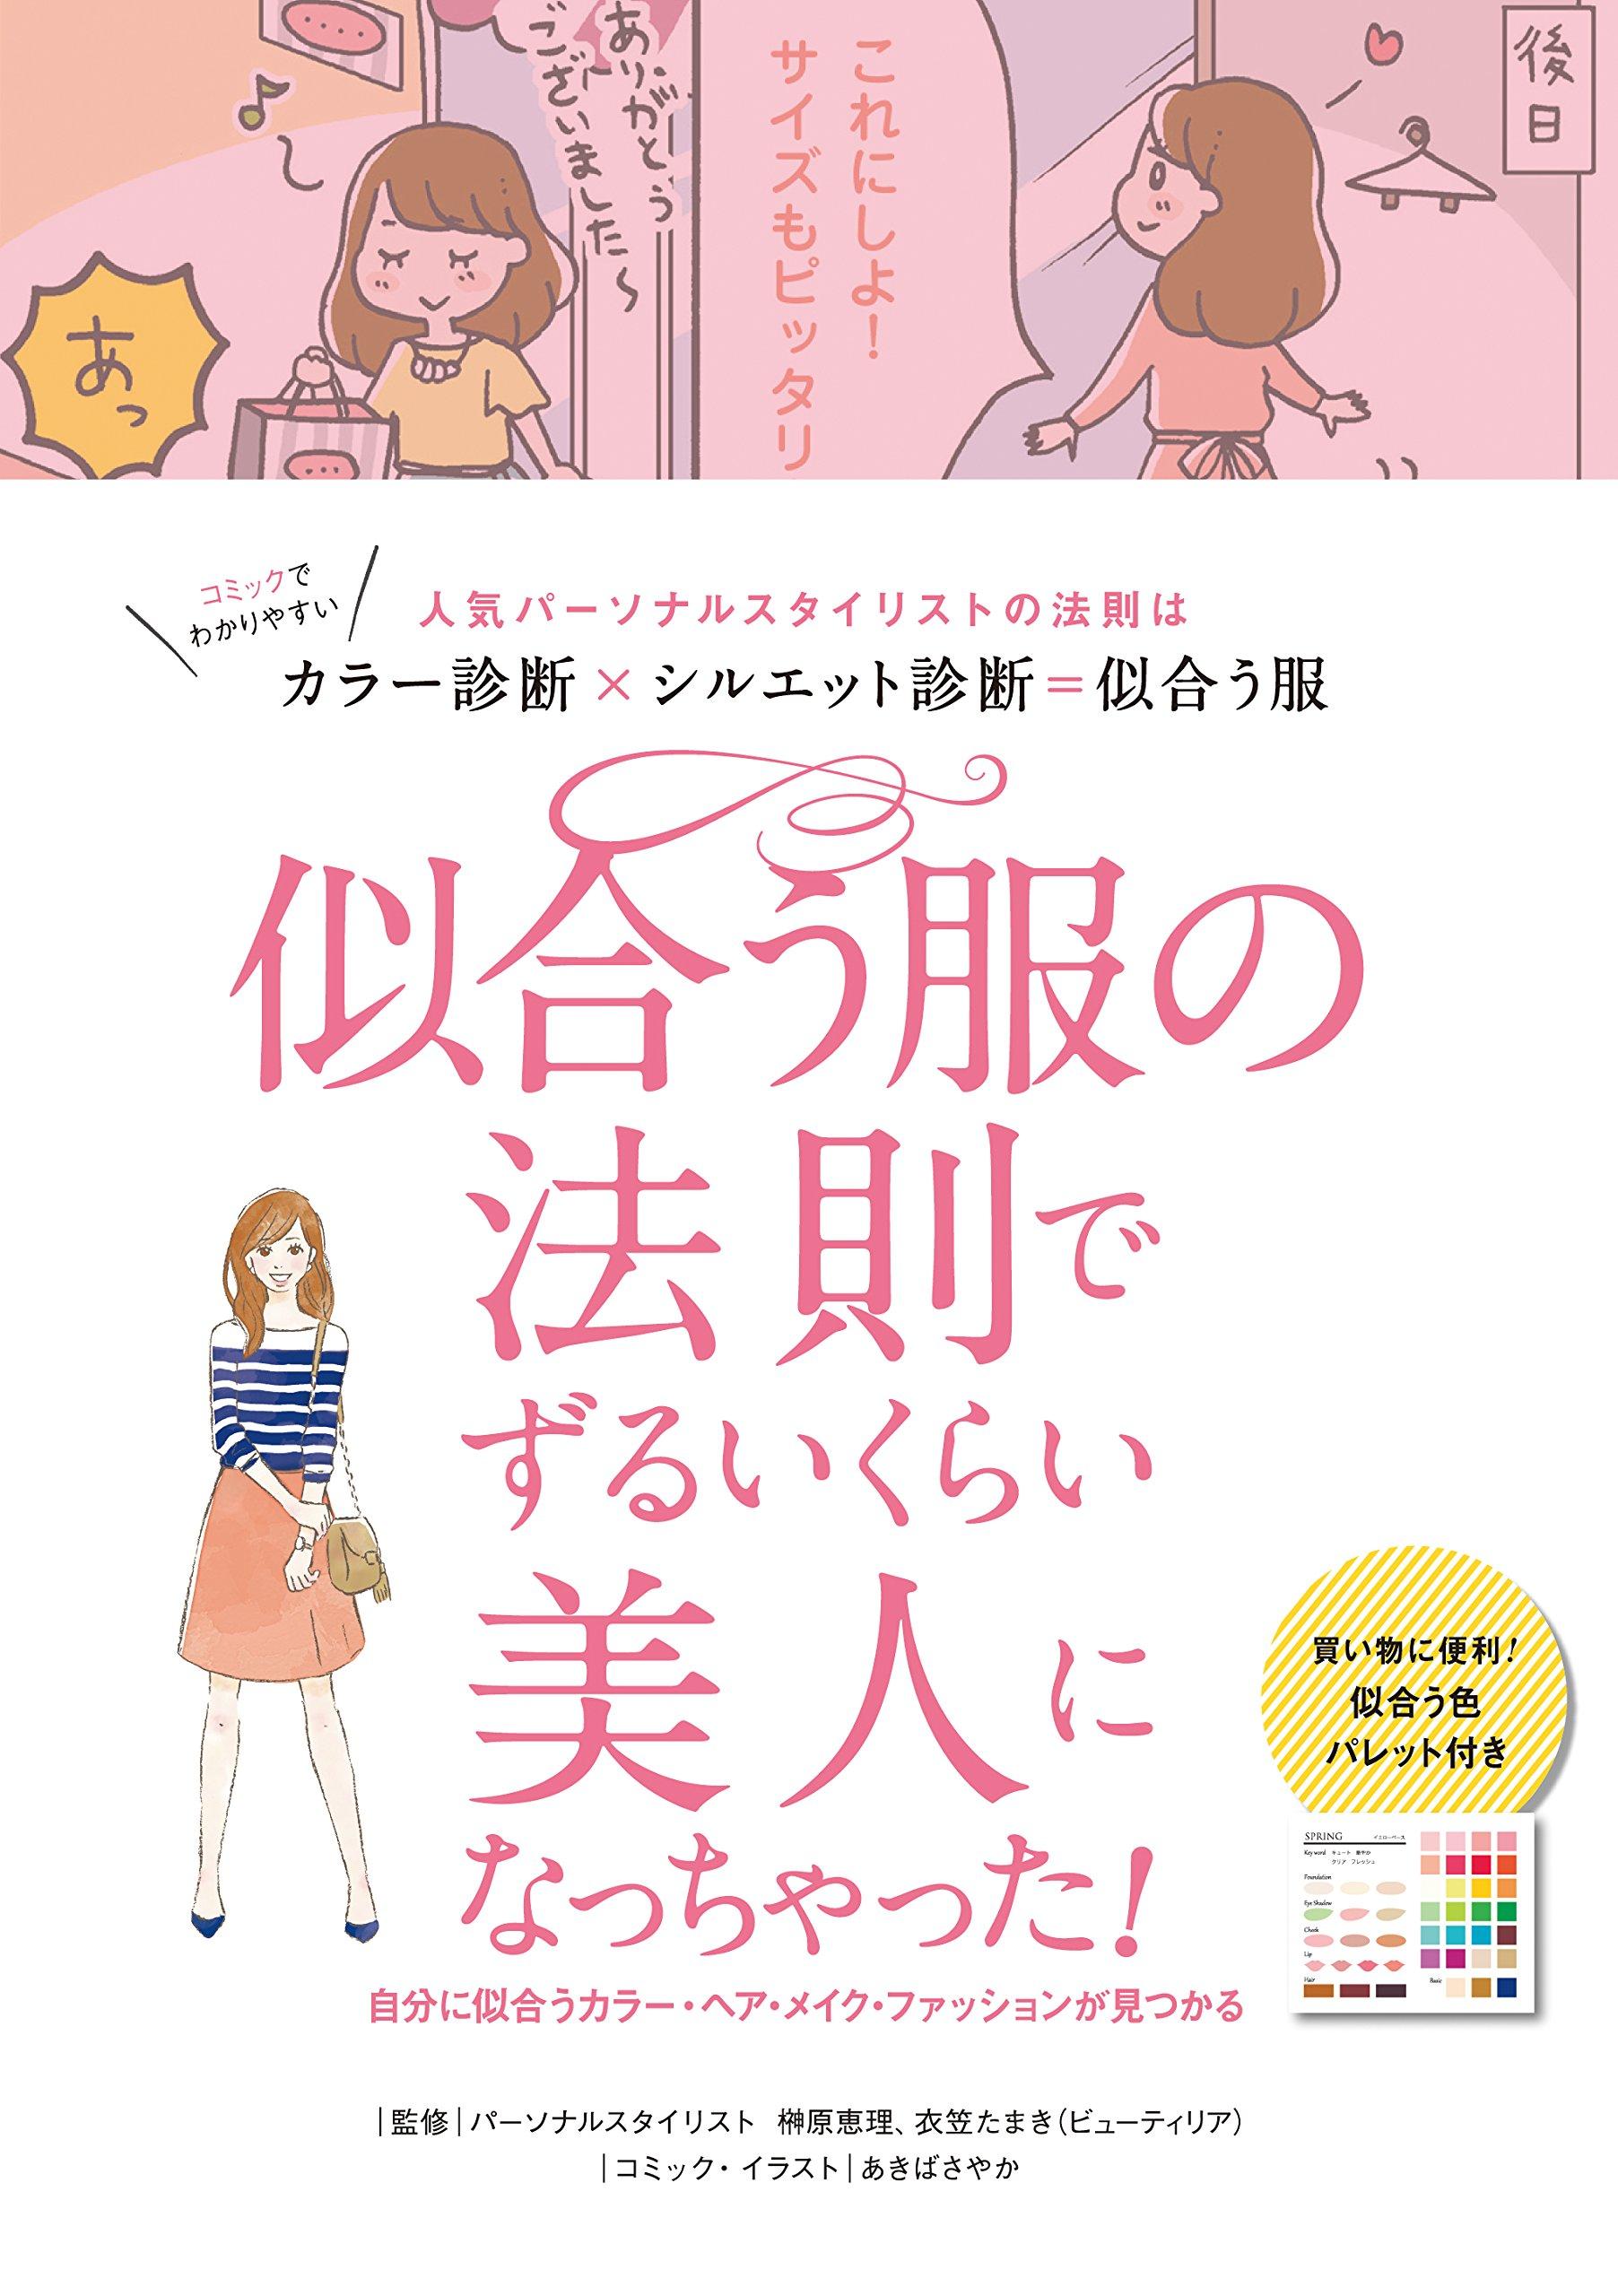 似合う服の法則でずるいくらい美人になっちゃった 榊原恵理 衣笠